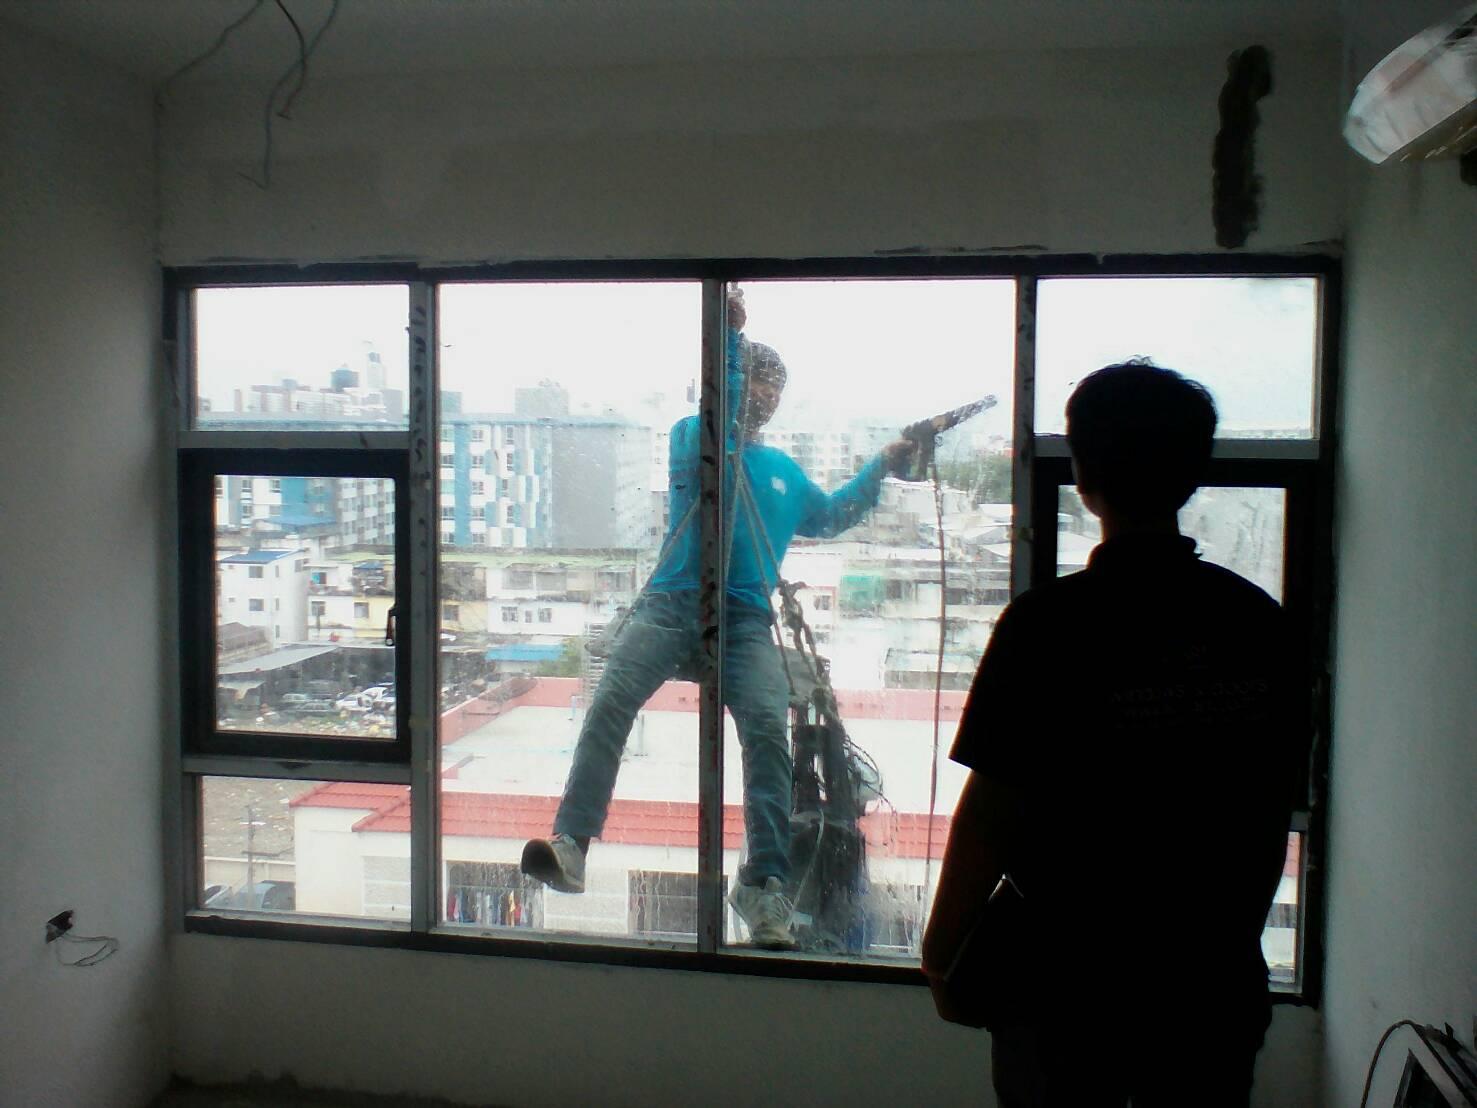 ติงตั้งประตู/หน้าต่าง กระจกและอลูมิเนียม คอนโด 8 ชั้น ชื่อดีมูระ. พหลโยธิน 34